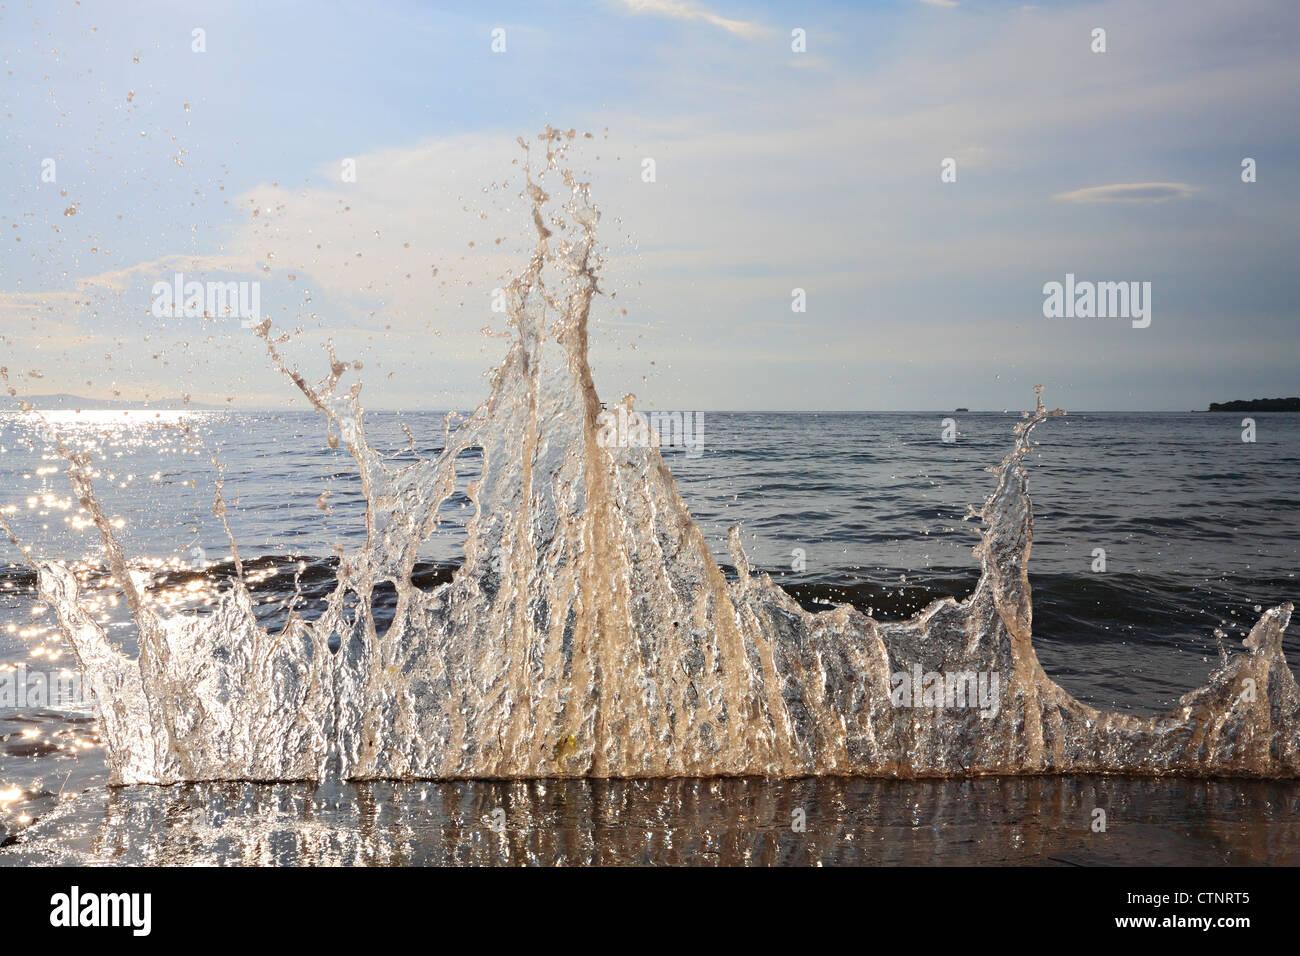 Acqua di mare schizzi sul molo Immagini Stock